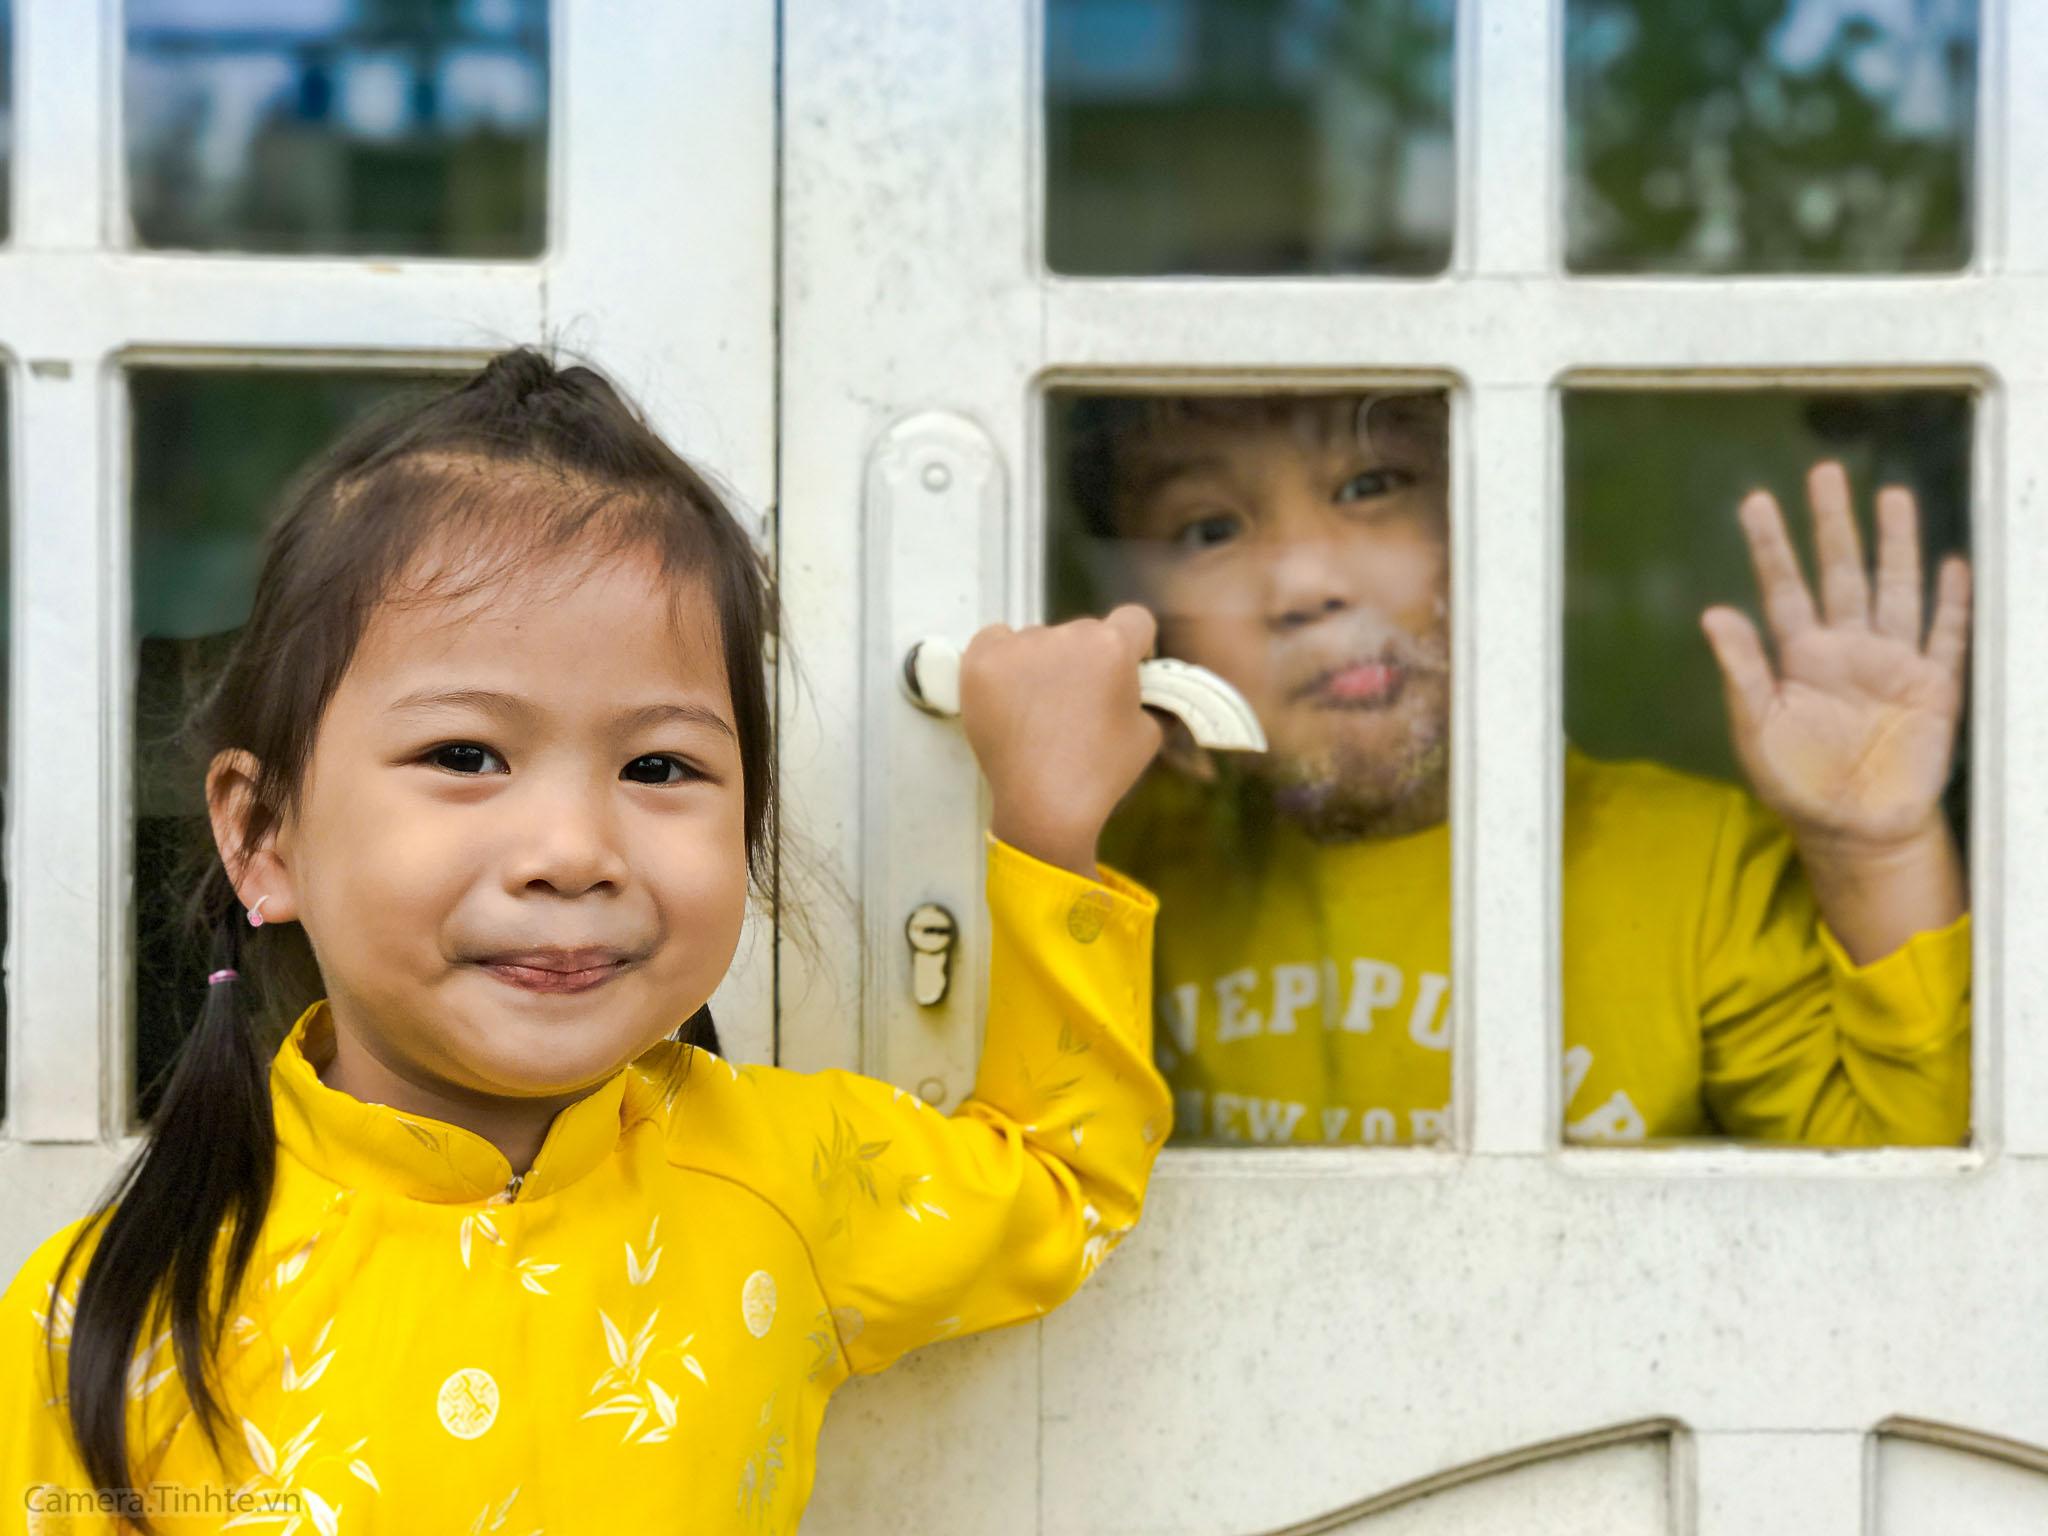 huong-dan-chup-anh-chan-dung-dep-bang-iphone-7-plus_photoZone-com-vn-6